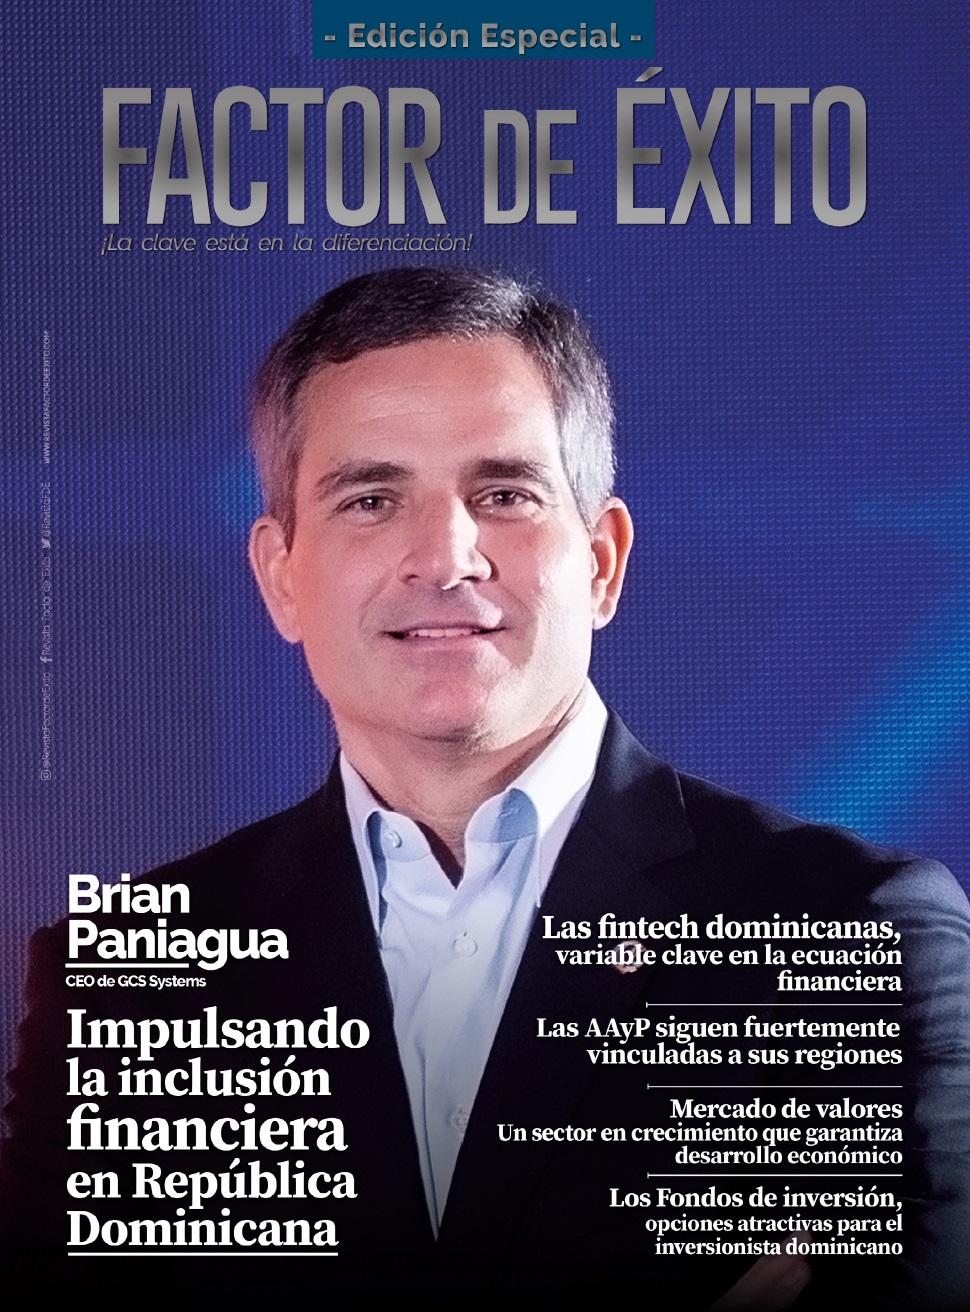 Revista Factor de Éxito- Edición Especial  #2: La ecuación financiera que impulsa el desarrollo de República Dominicana